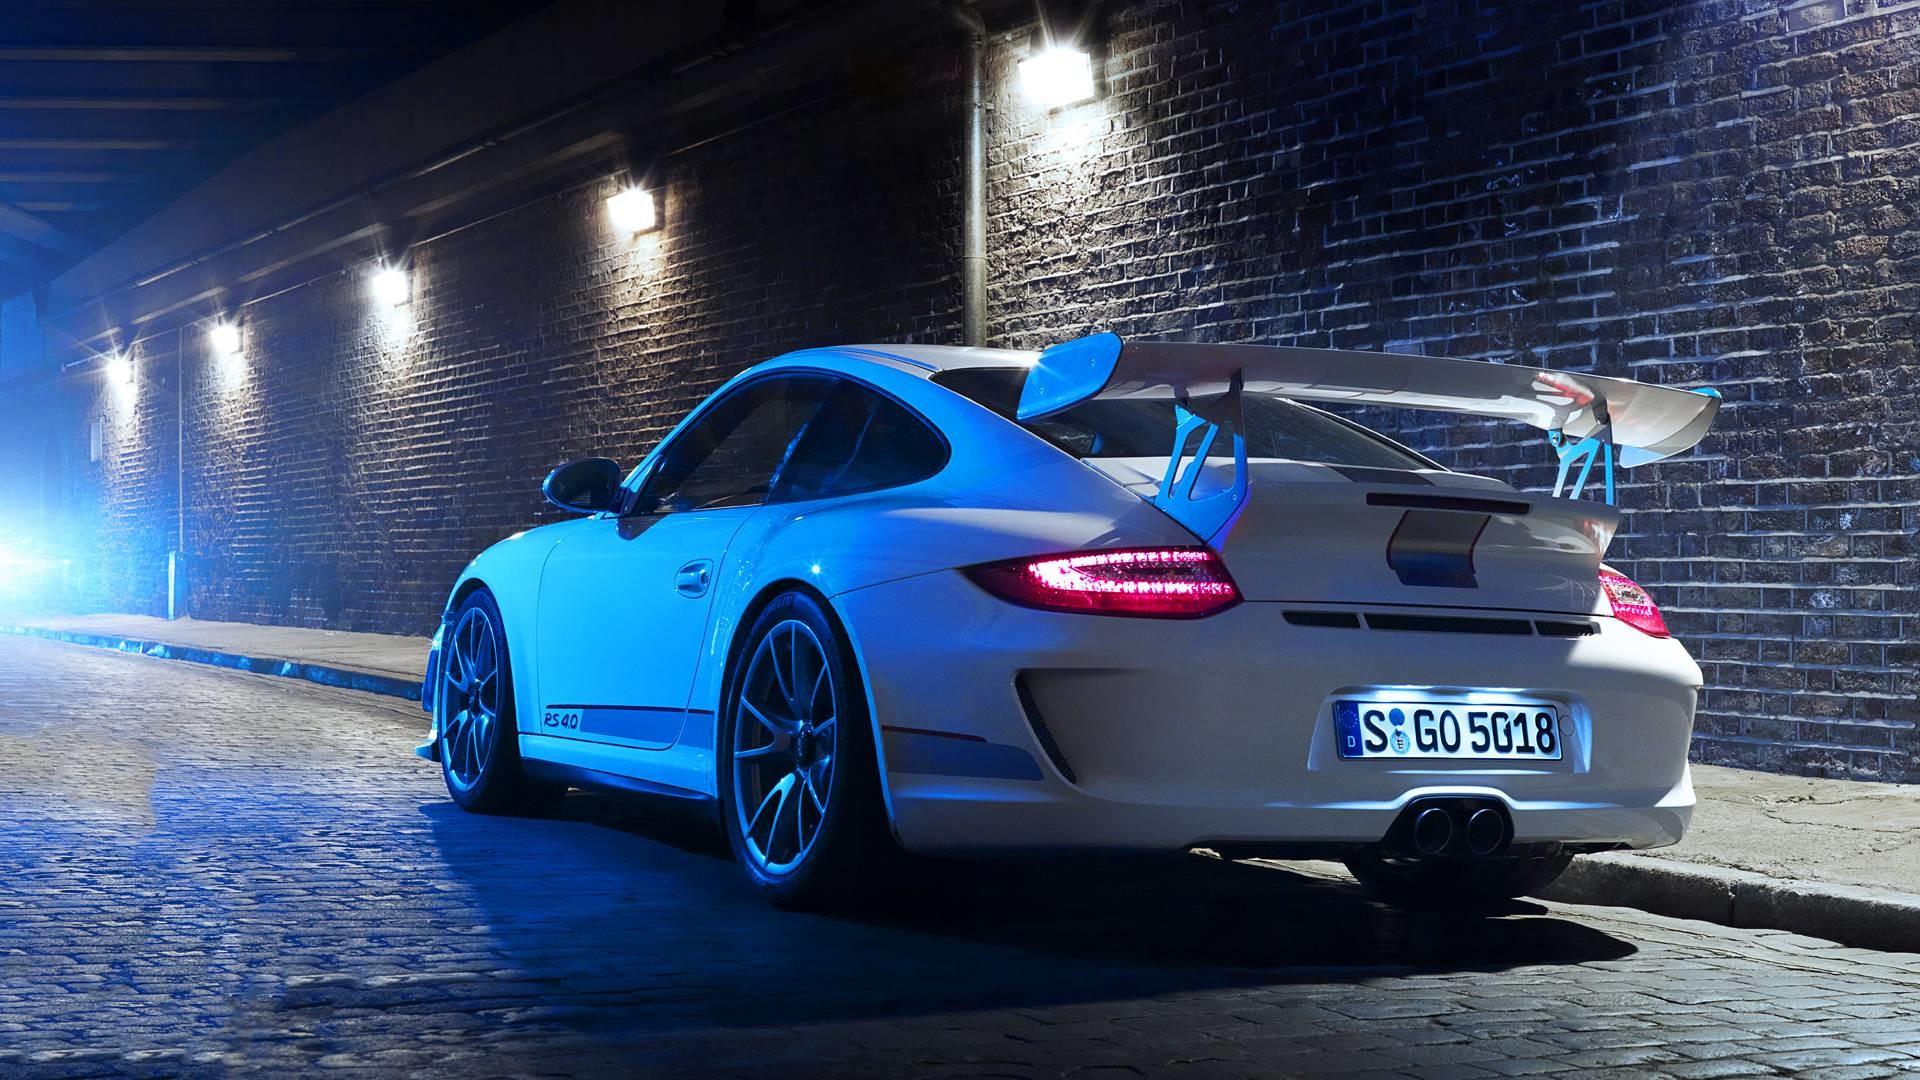 Porsche 911 Gt3 Rs White Wallpapers - Porsche 911 Gt3 Rs Wallpaper 4k - HD Wallpaper